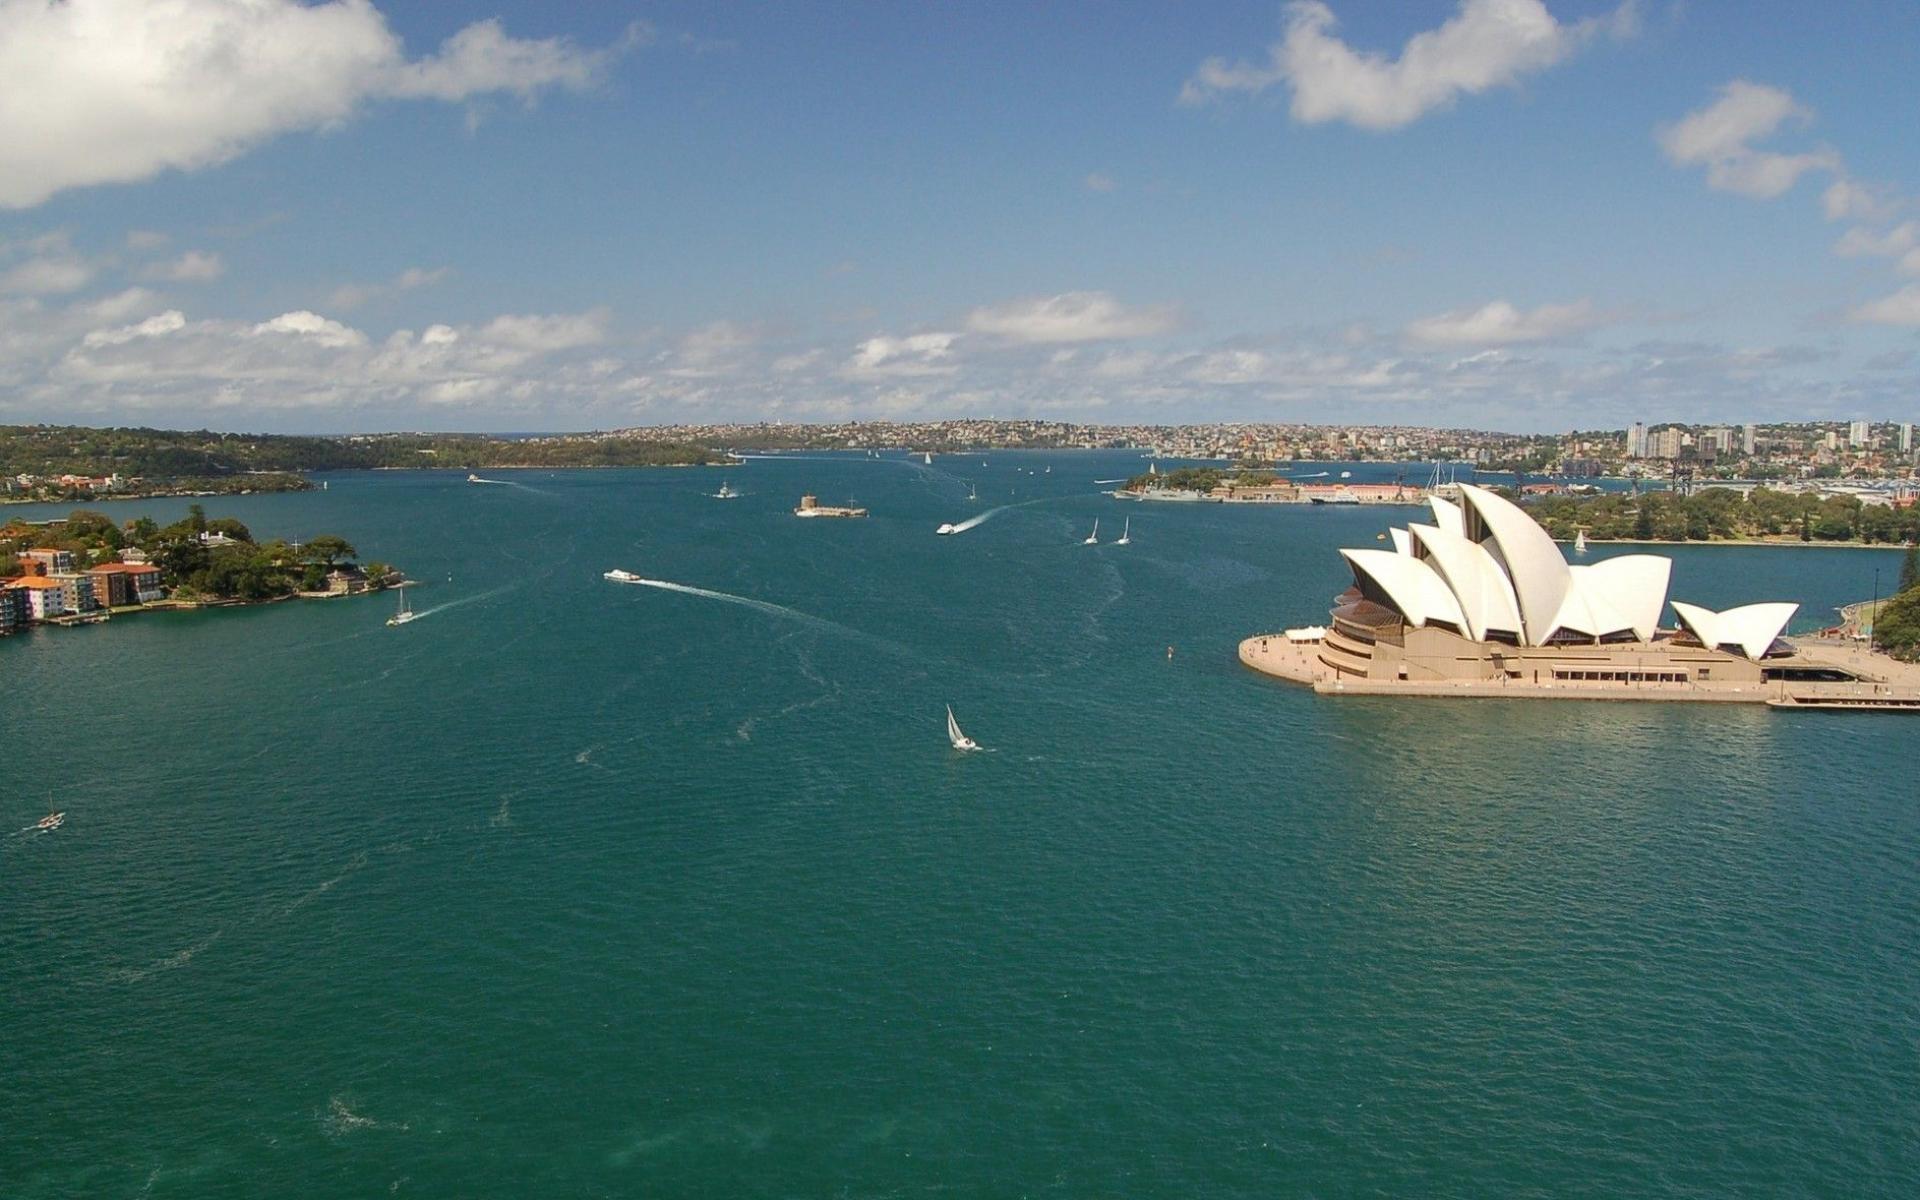 Города морской порт в австралии 1920x1200